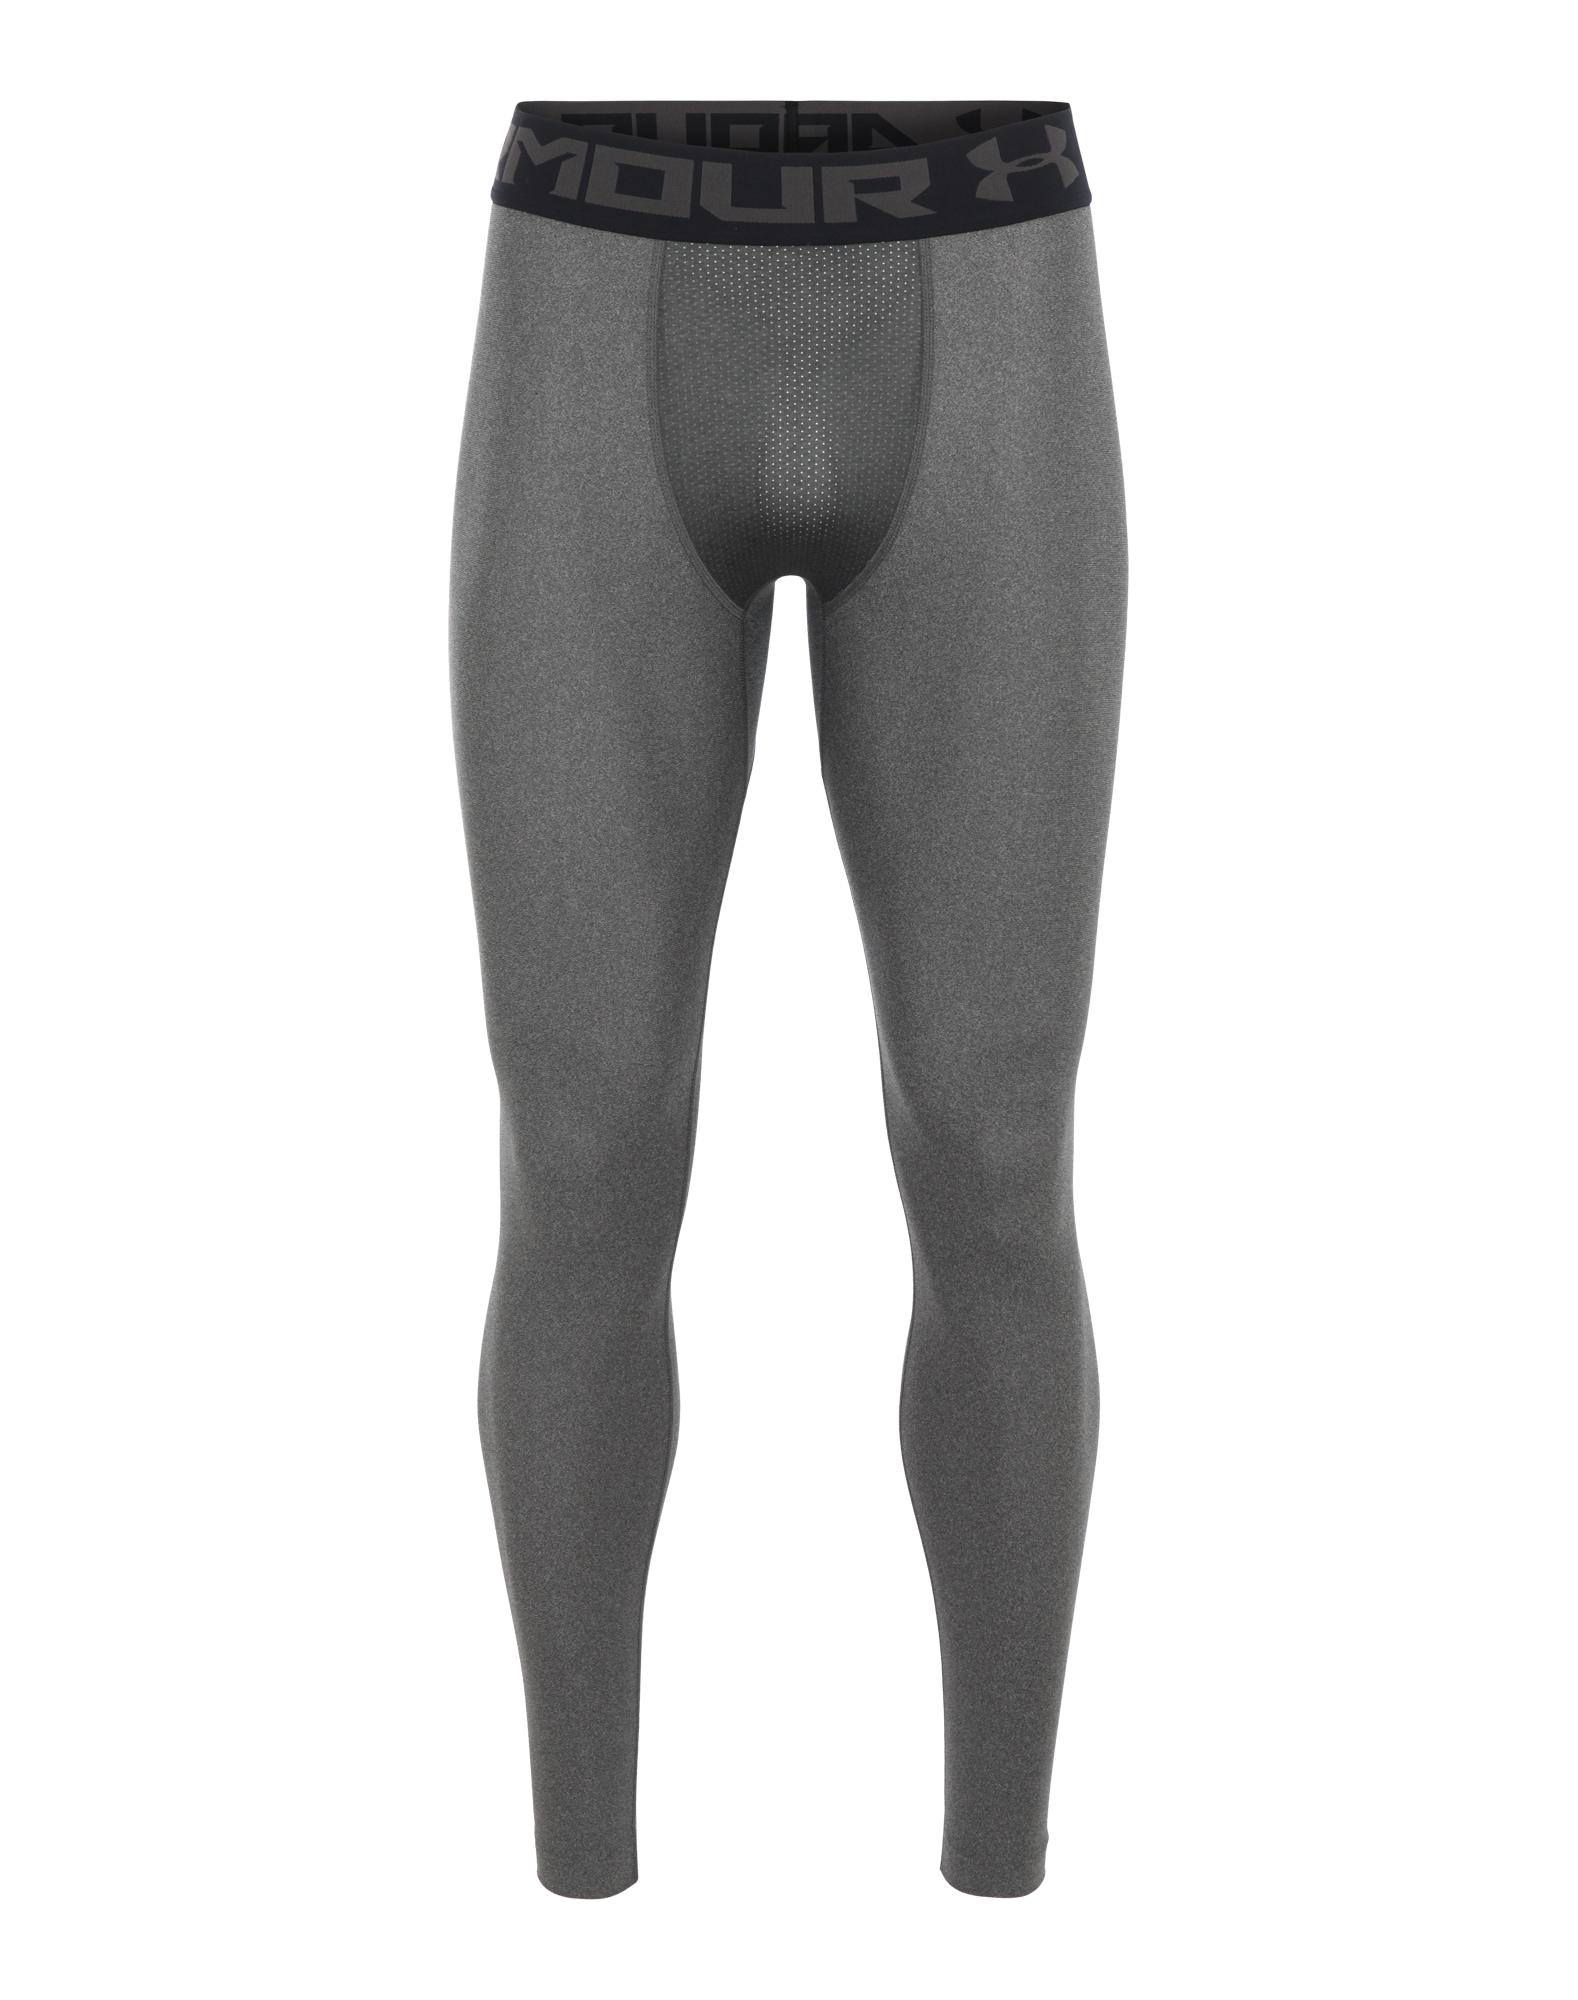 UNDER ARMOUR Sportinės kelnės juoda / tamsiai pilka